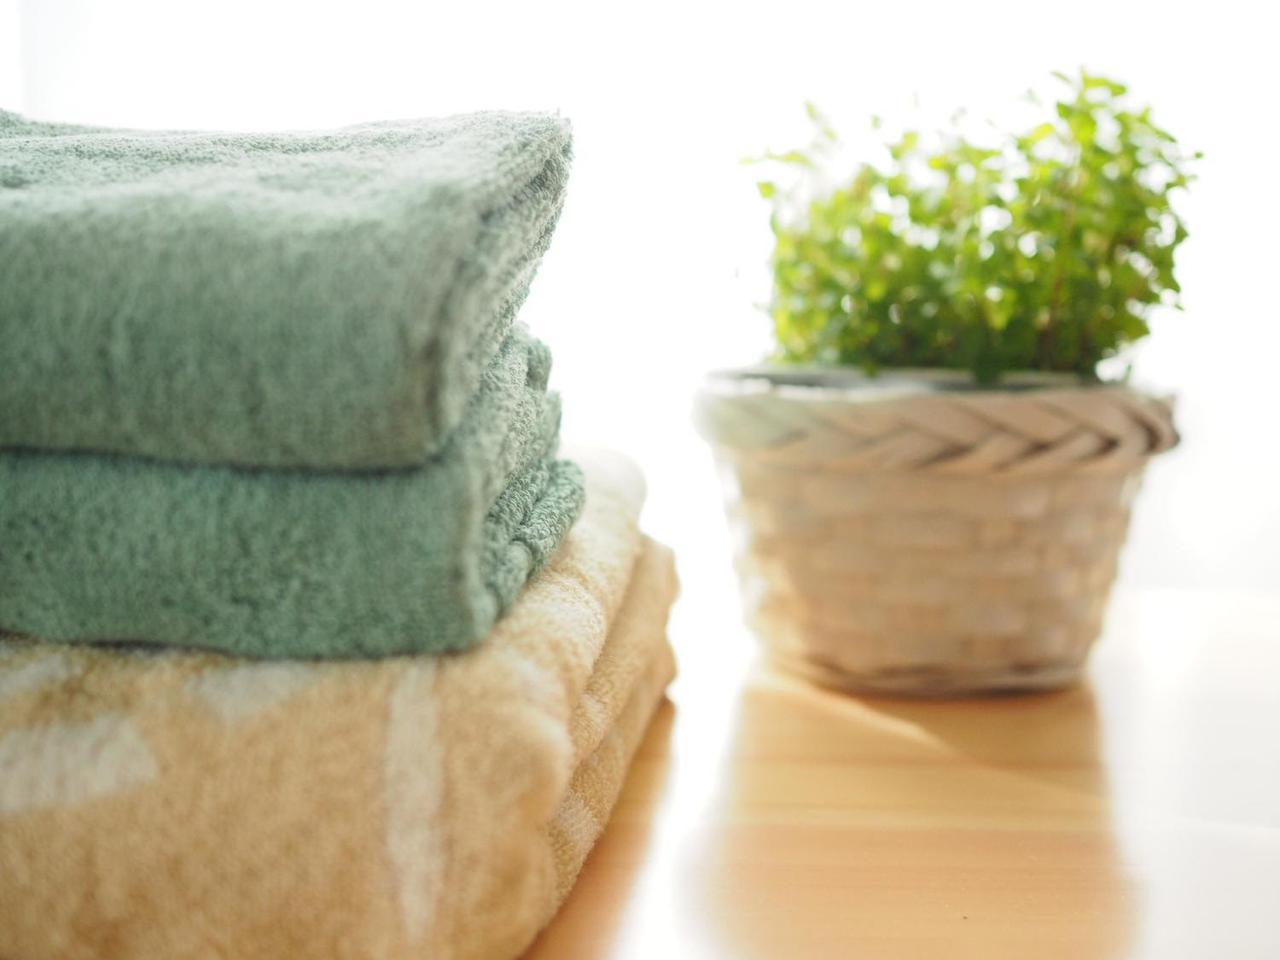 画像: 【海水浴に必須な持ち物その2】バスタオル×2・ハンドタオル